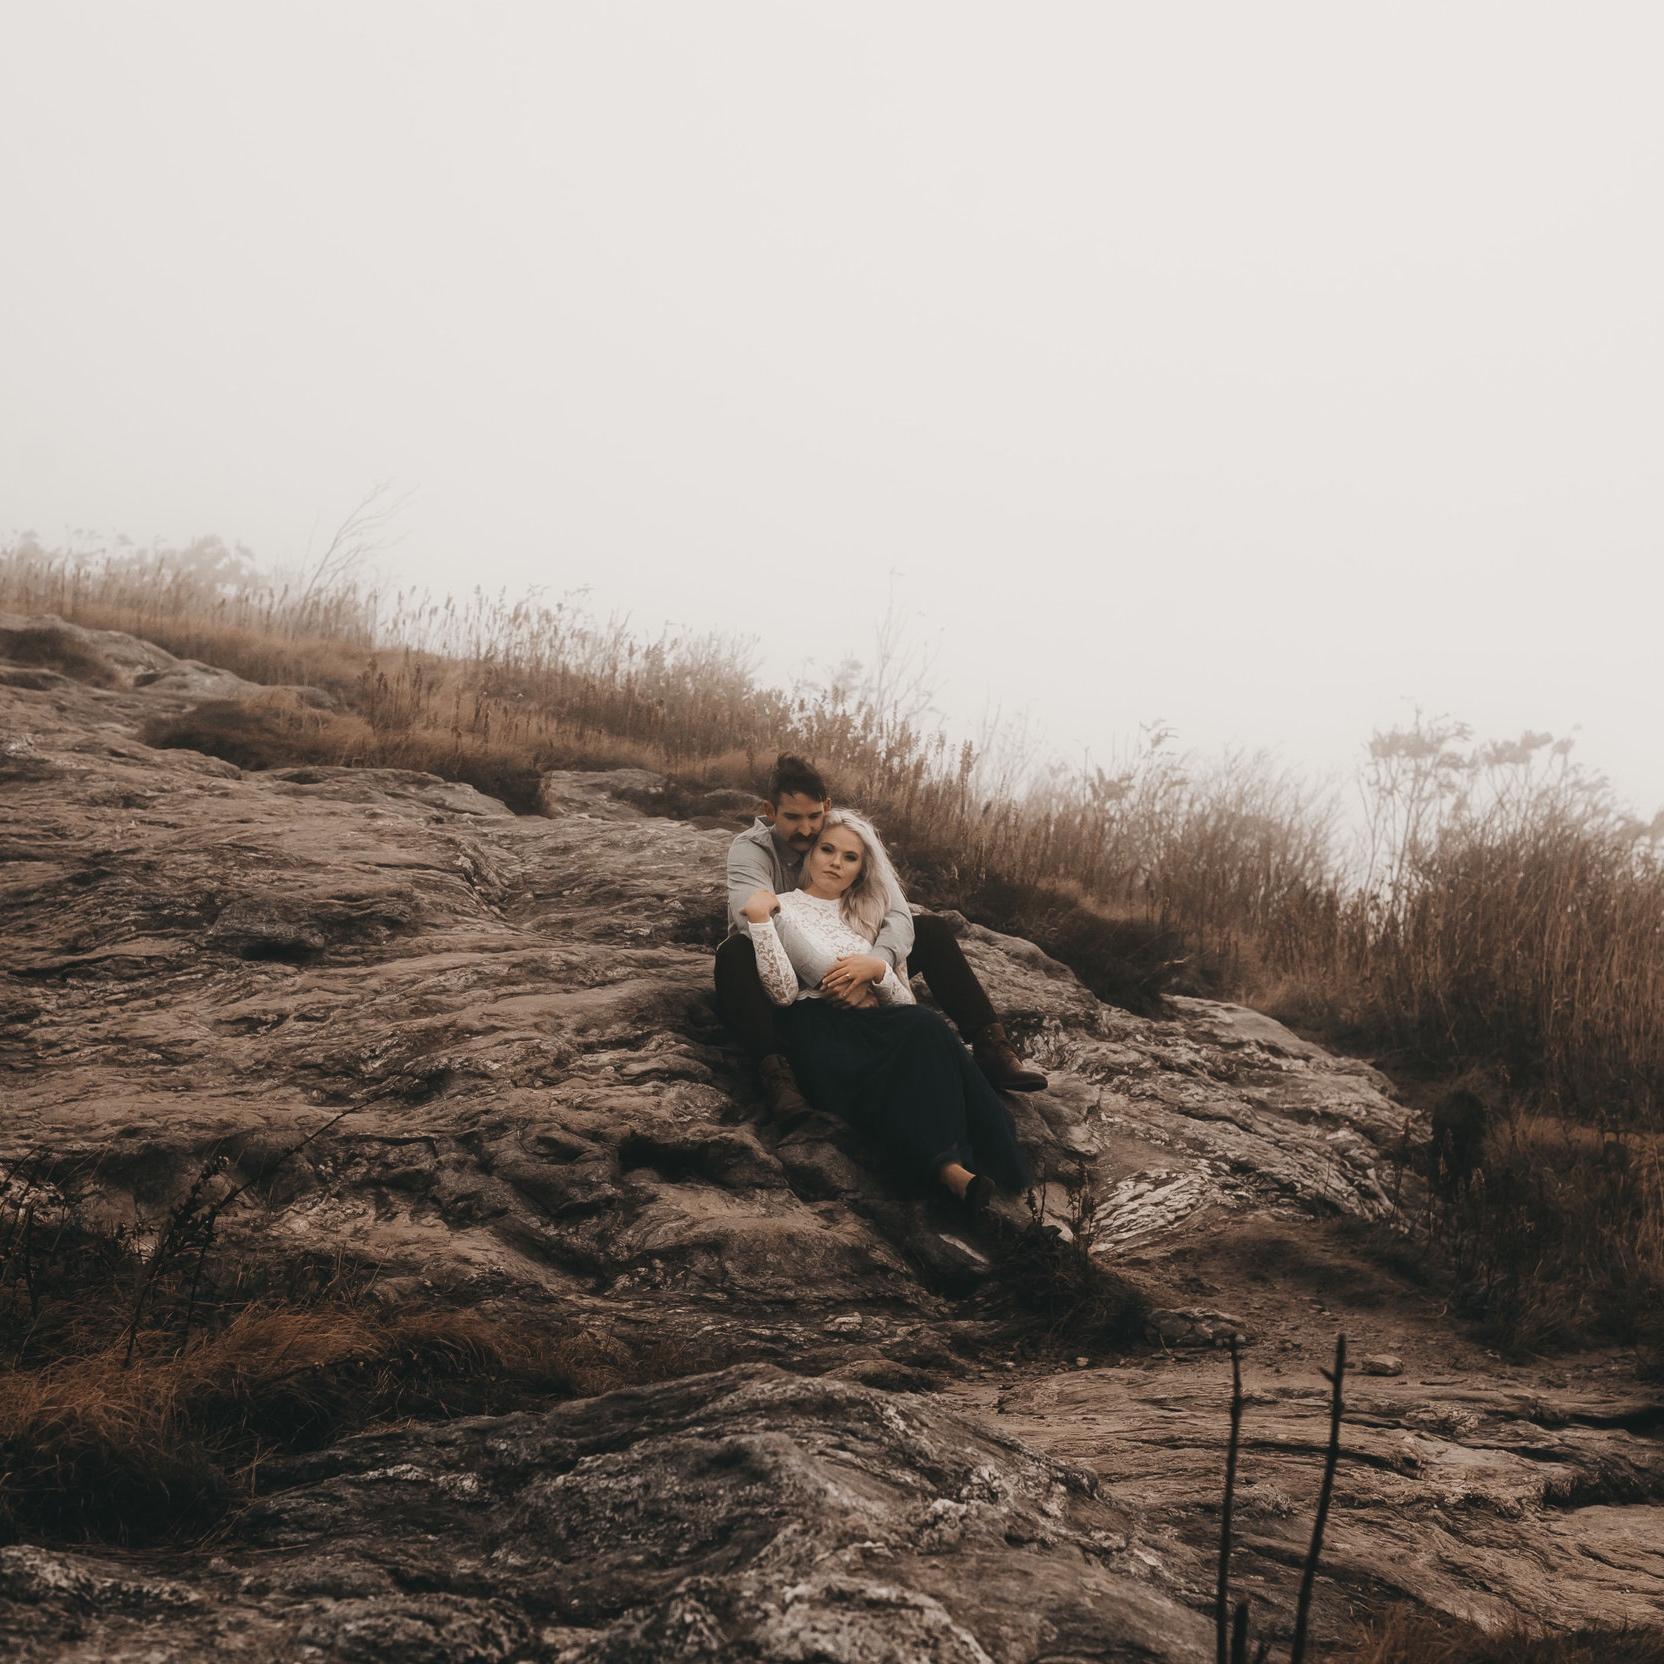 Makenzie+Lauren+Photography+%2825+of+66%29.jpg